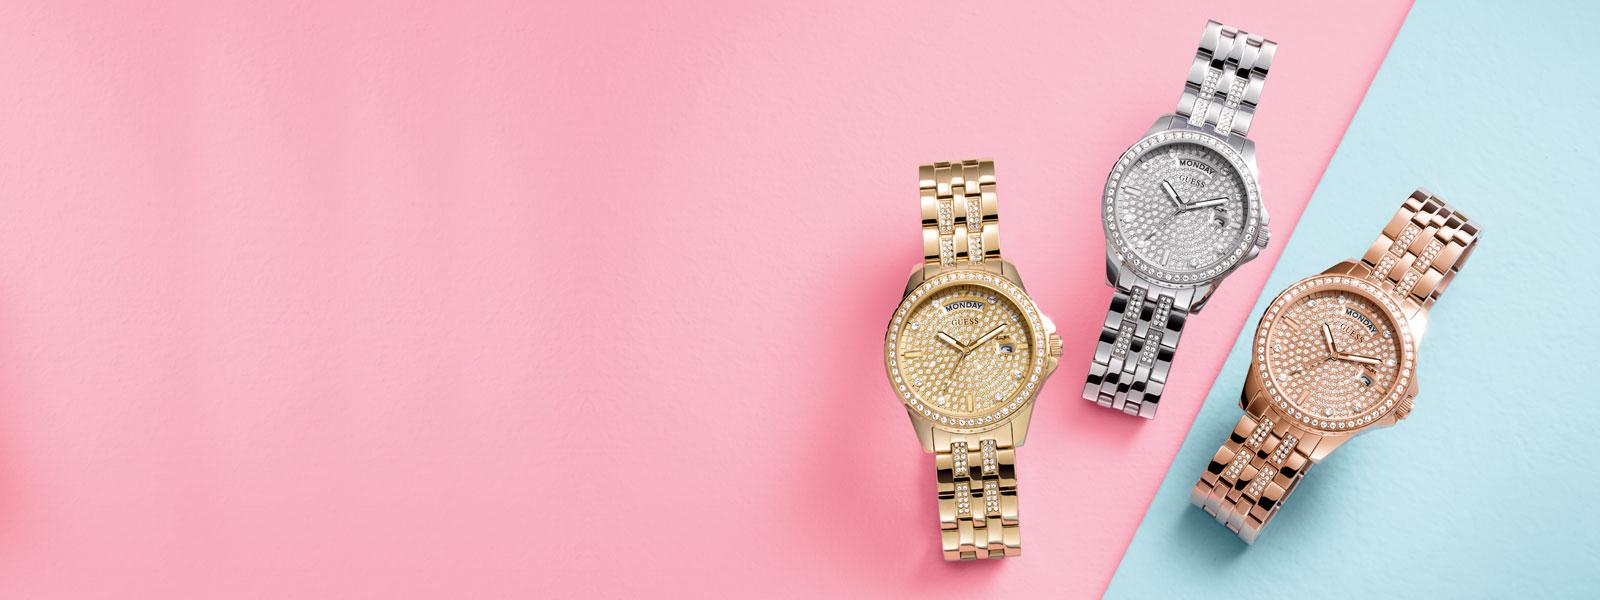 Uvek ćeš blistati<br> uz ovaj Guess sat!